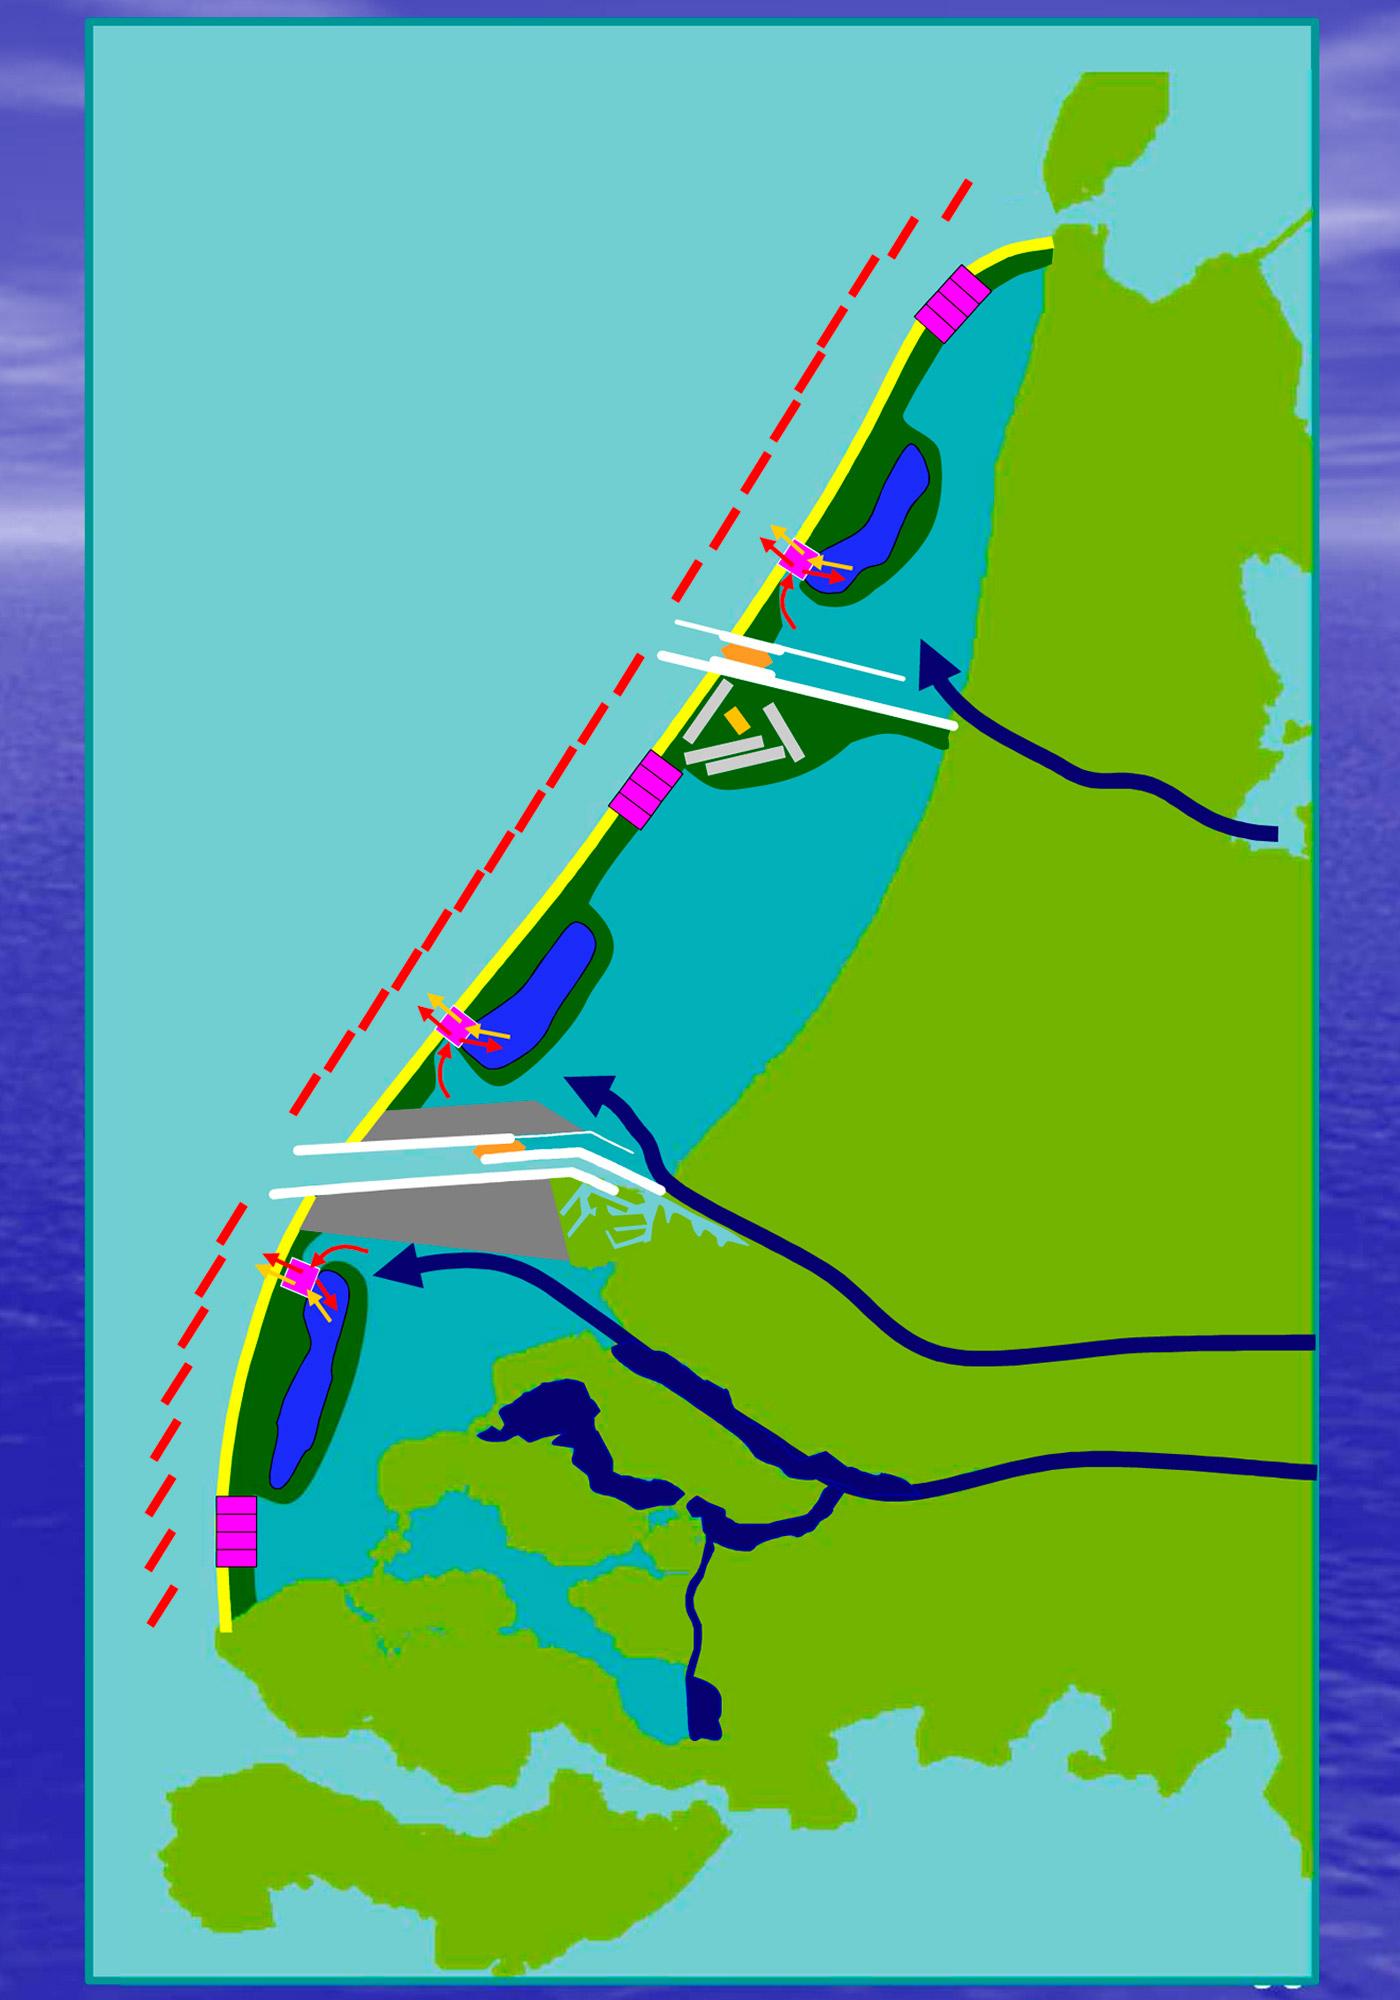 <b>Tweede kustlijn</b>